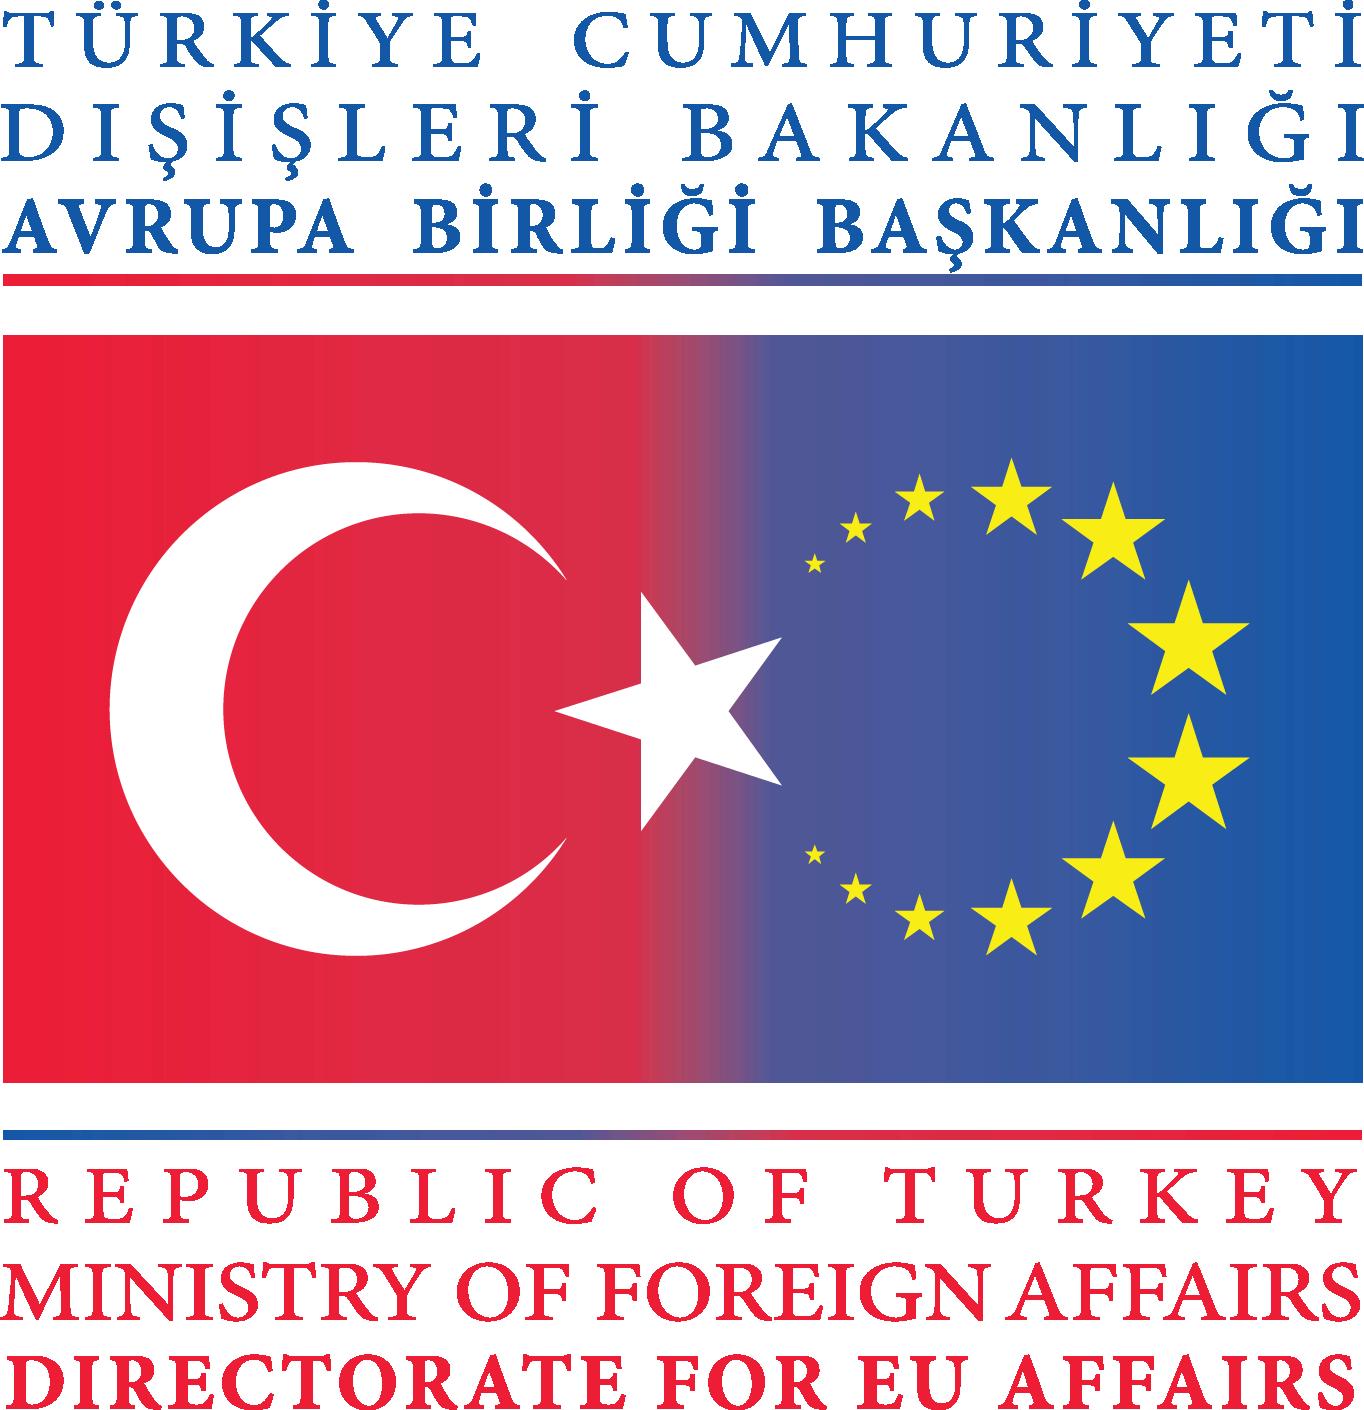 Avrupa Birliği Başkanlığı Logo png